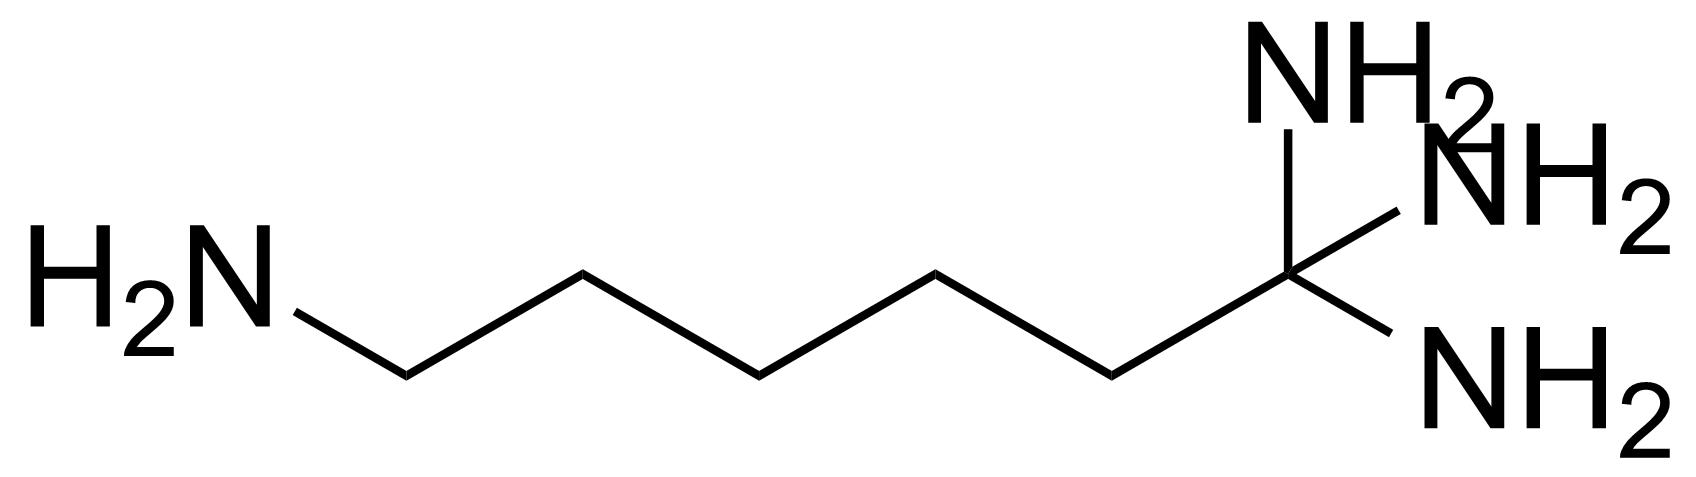 Structure of Hexamethylentetramine